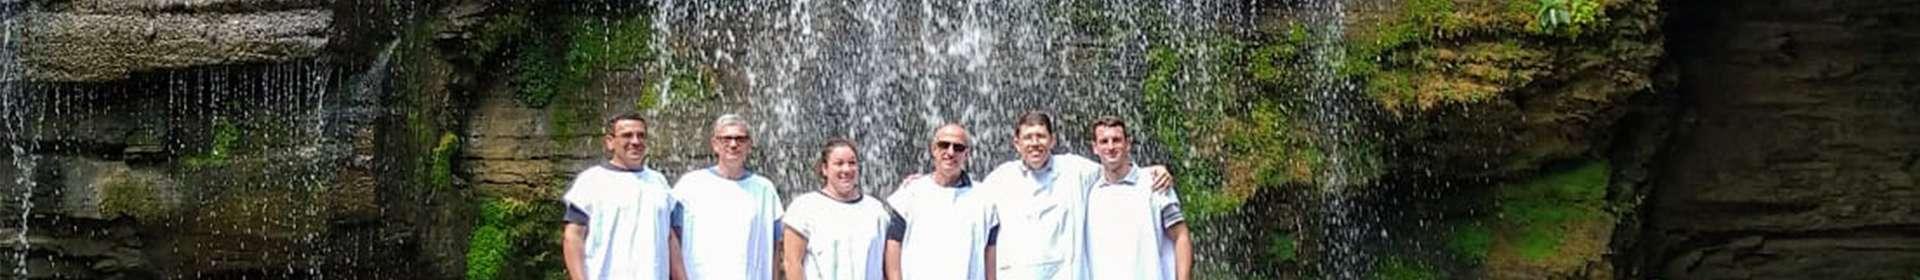 Batismos realizados pela Igreja Cristã Maranata em fevereiro de 2020